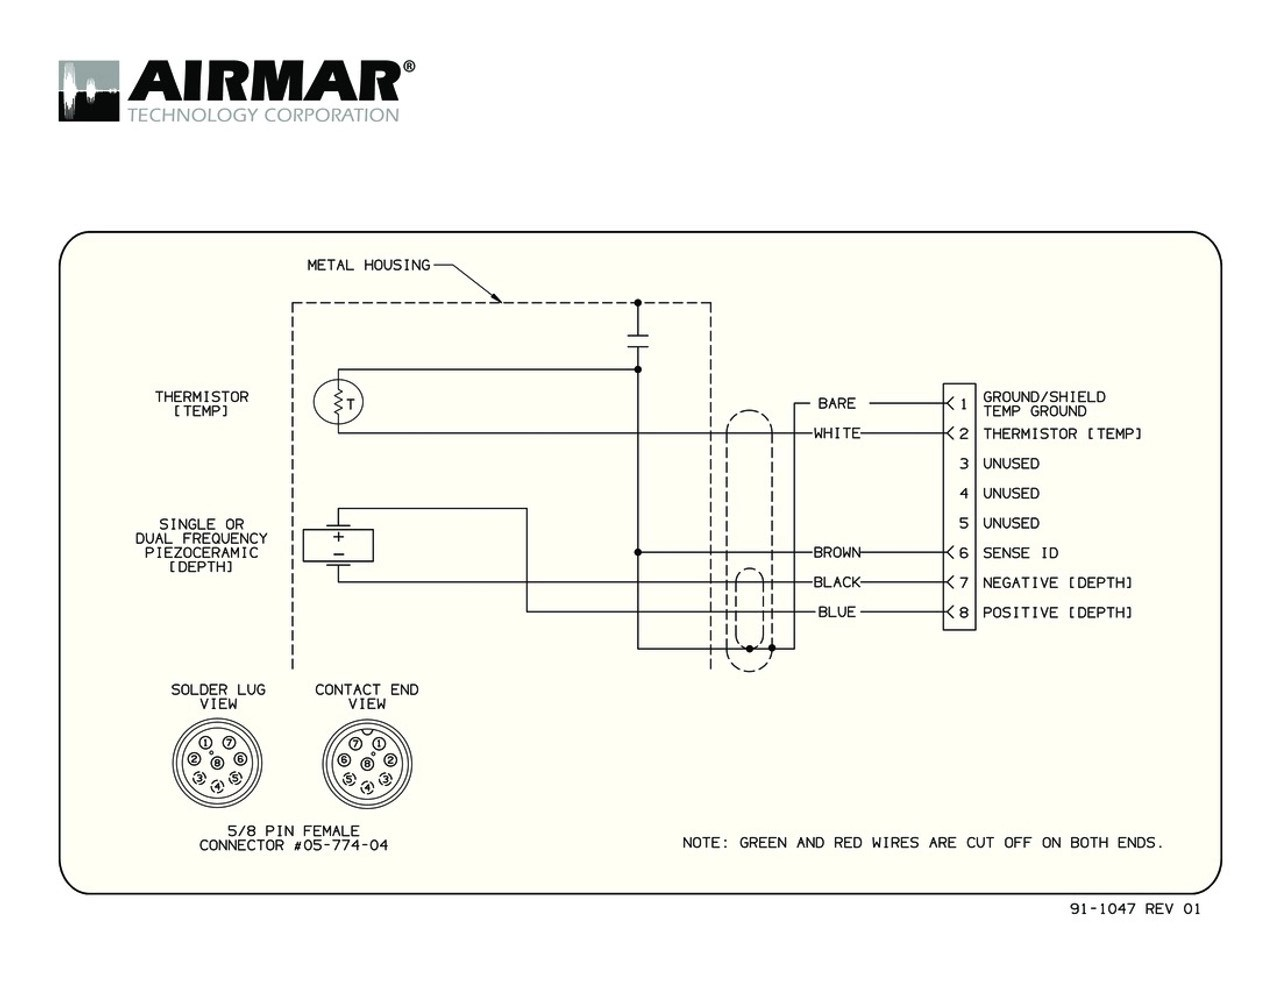 medium resolution of garmin power wiring diagram wiring libraryairmar wiring diagram garmin b117 8 pin d t